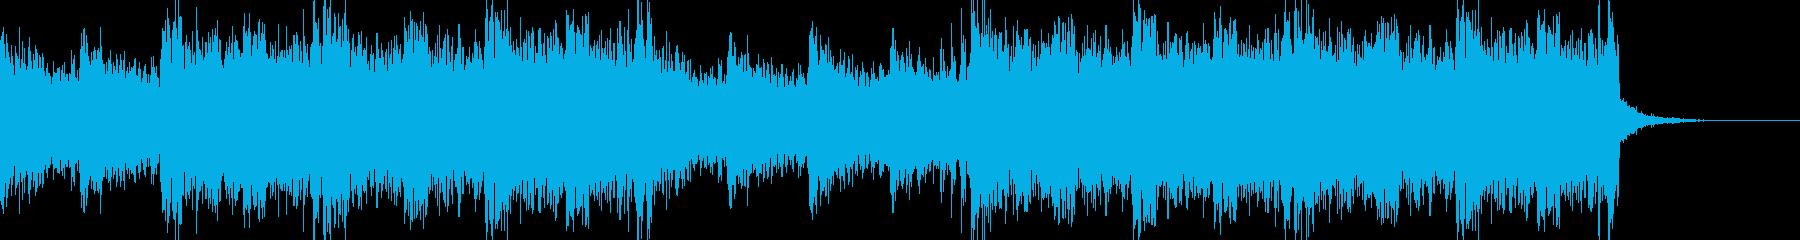 ストリングスを使ったホラー系BGMの再生済みの波形